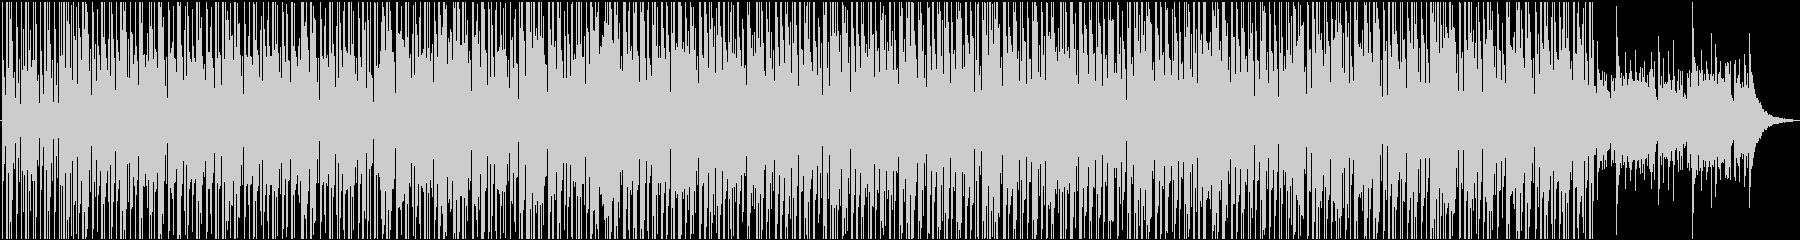 ポップロック バラード ポジティブ...の未再生の波形